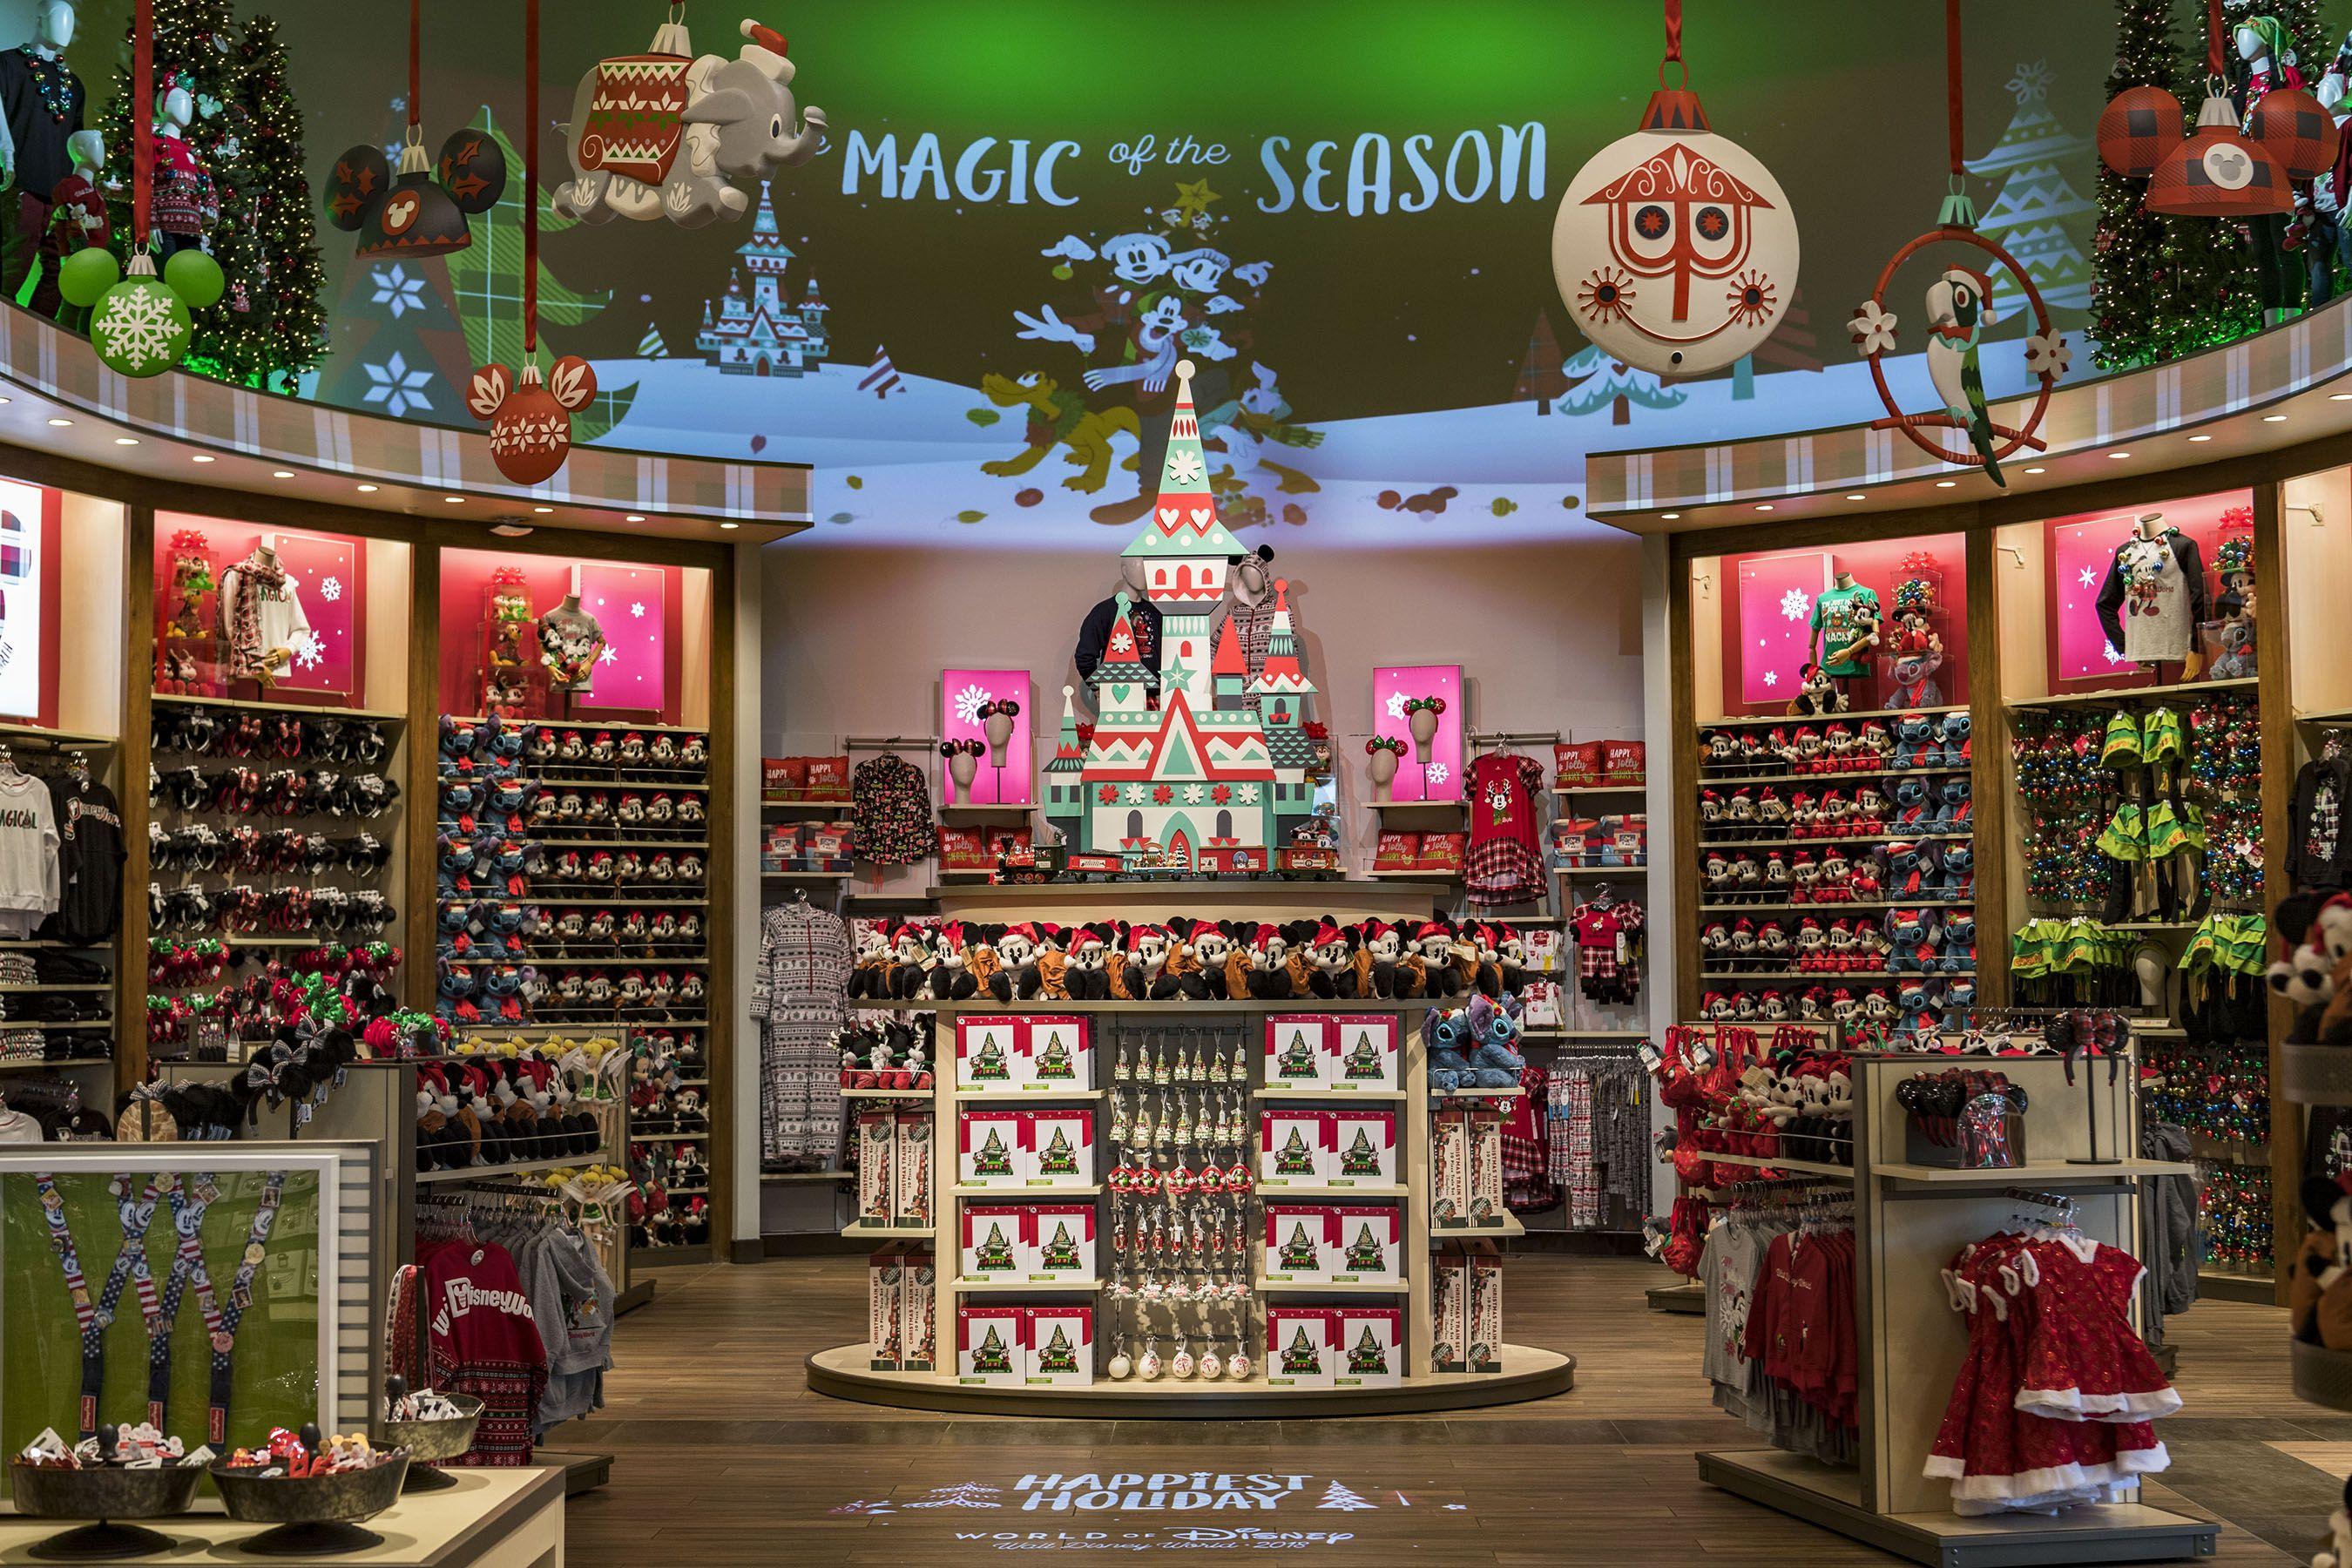 Holiday shopping at Disney World